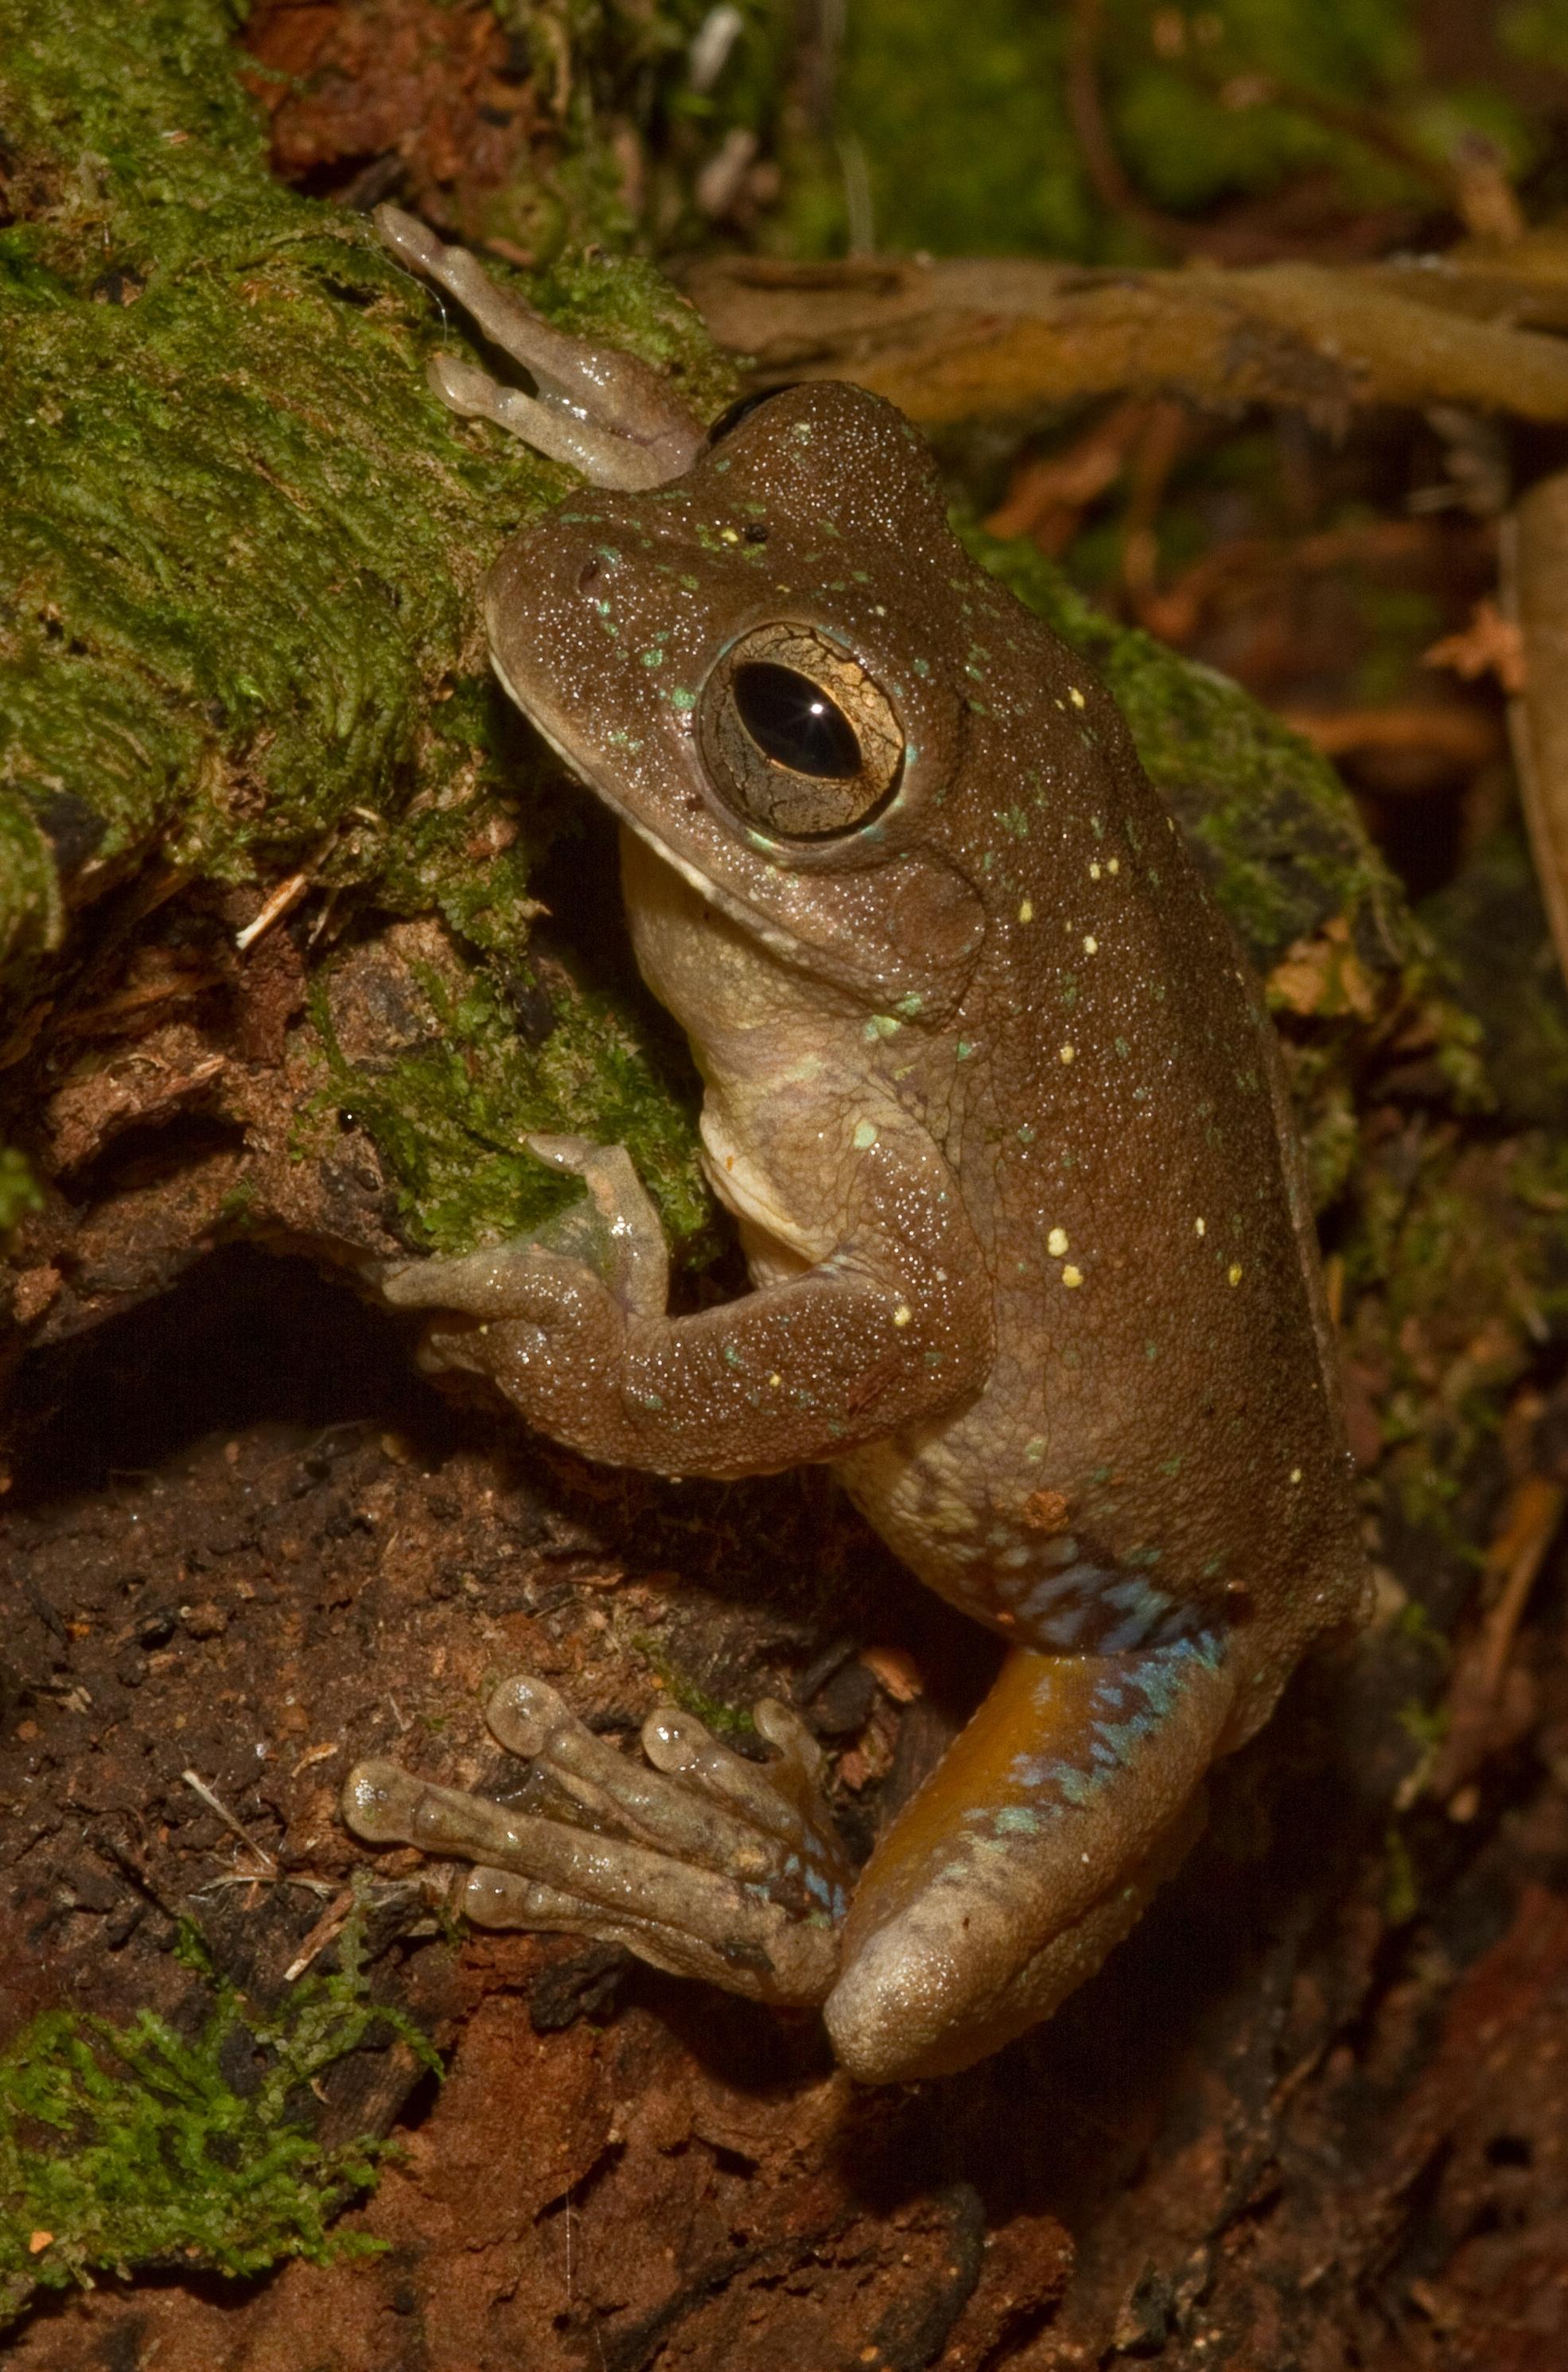 Panama cross-banded treefrog (Simlisca sila)